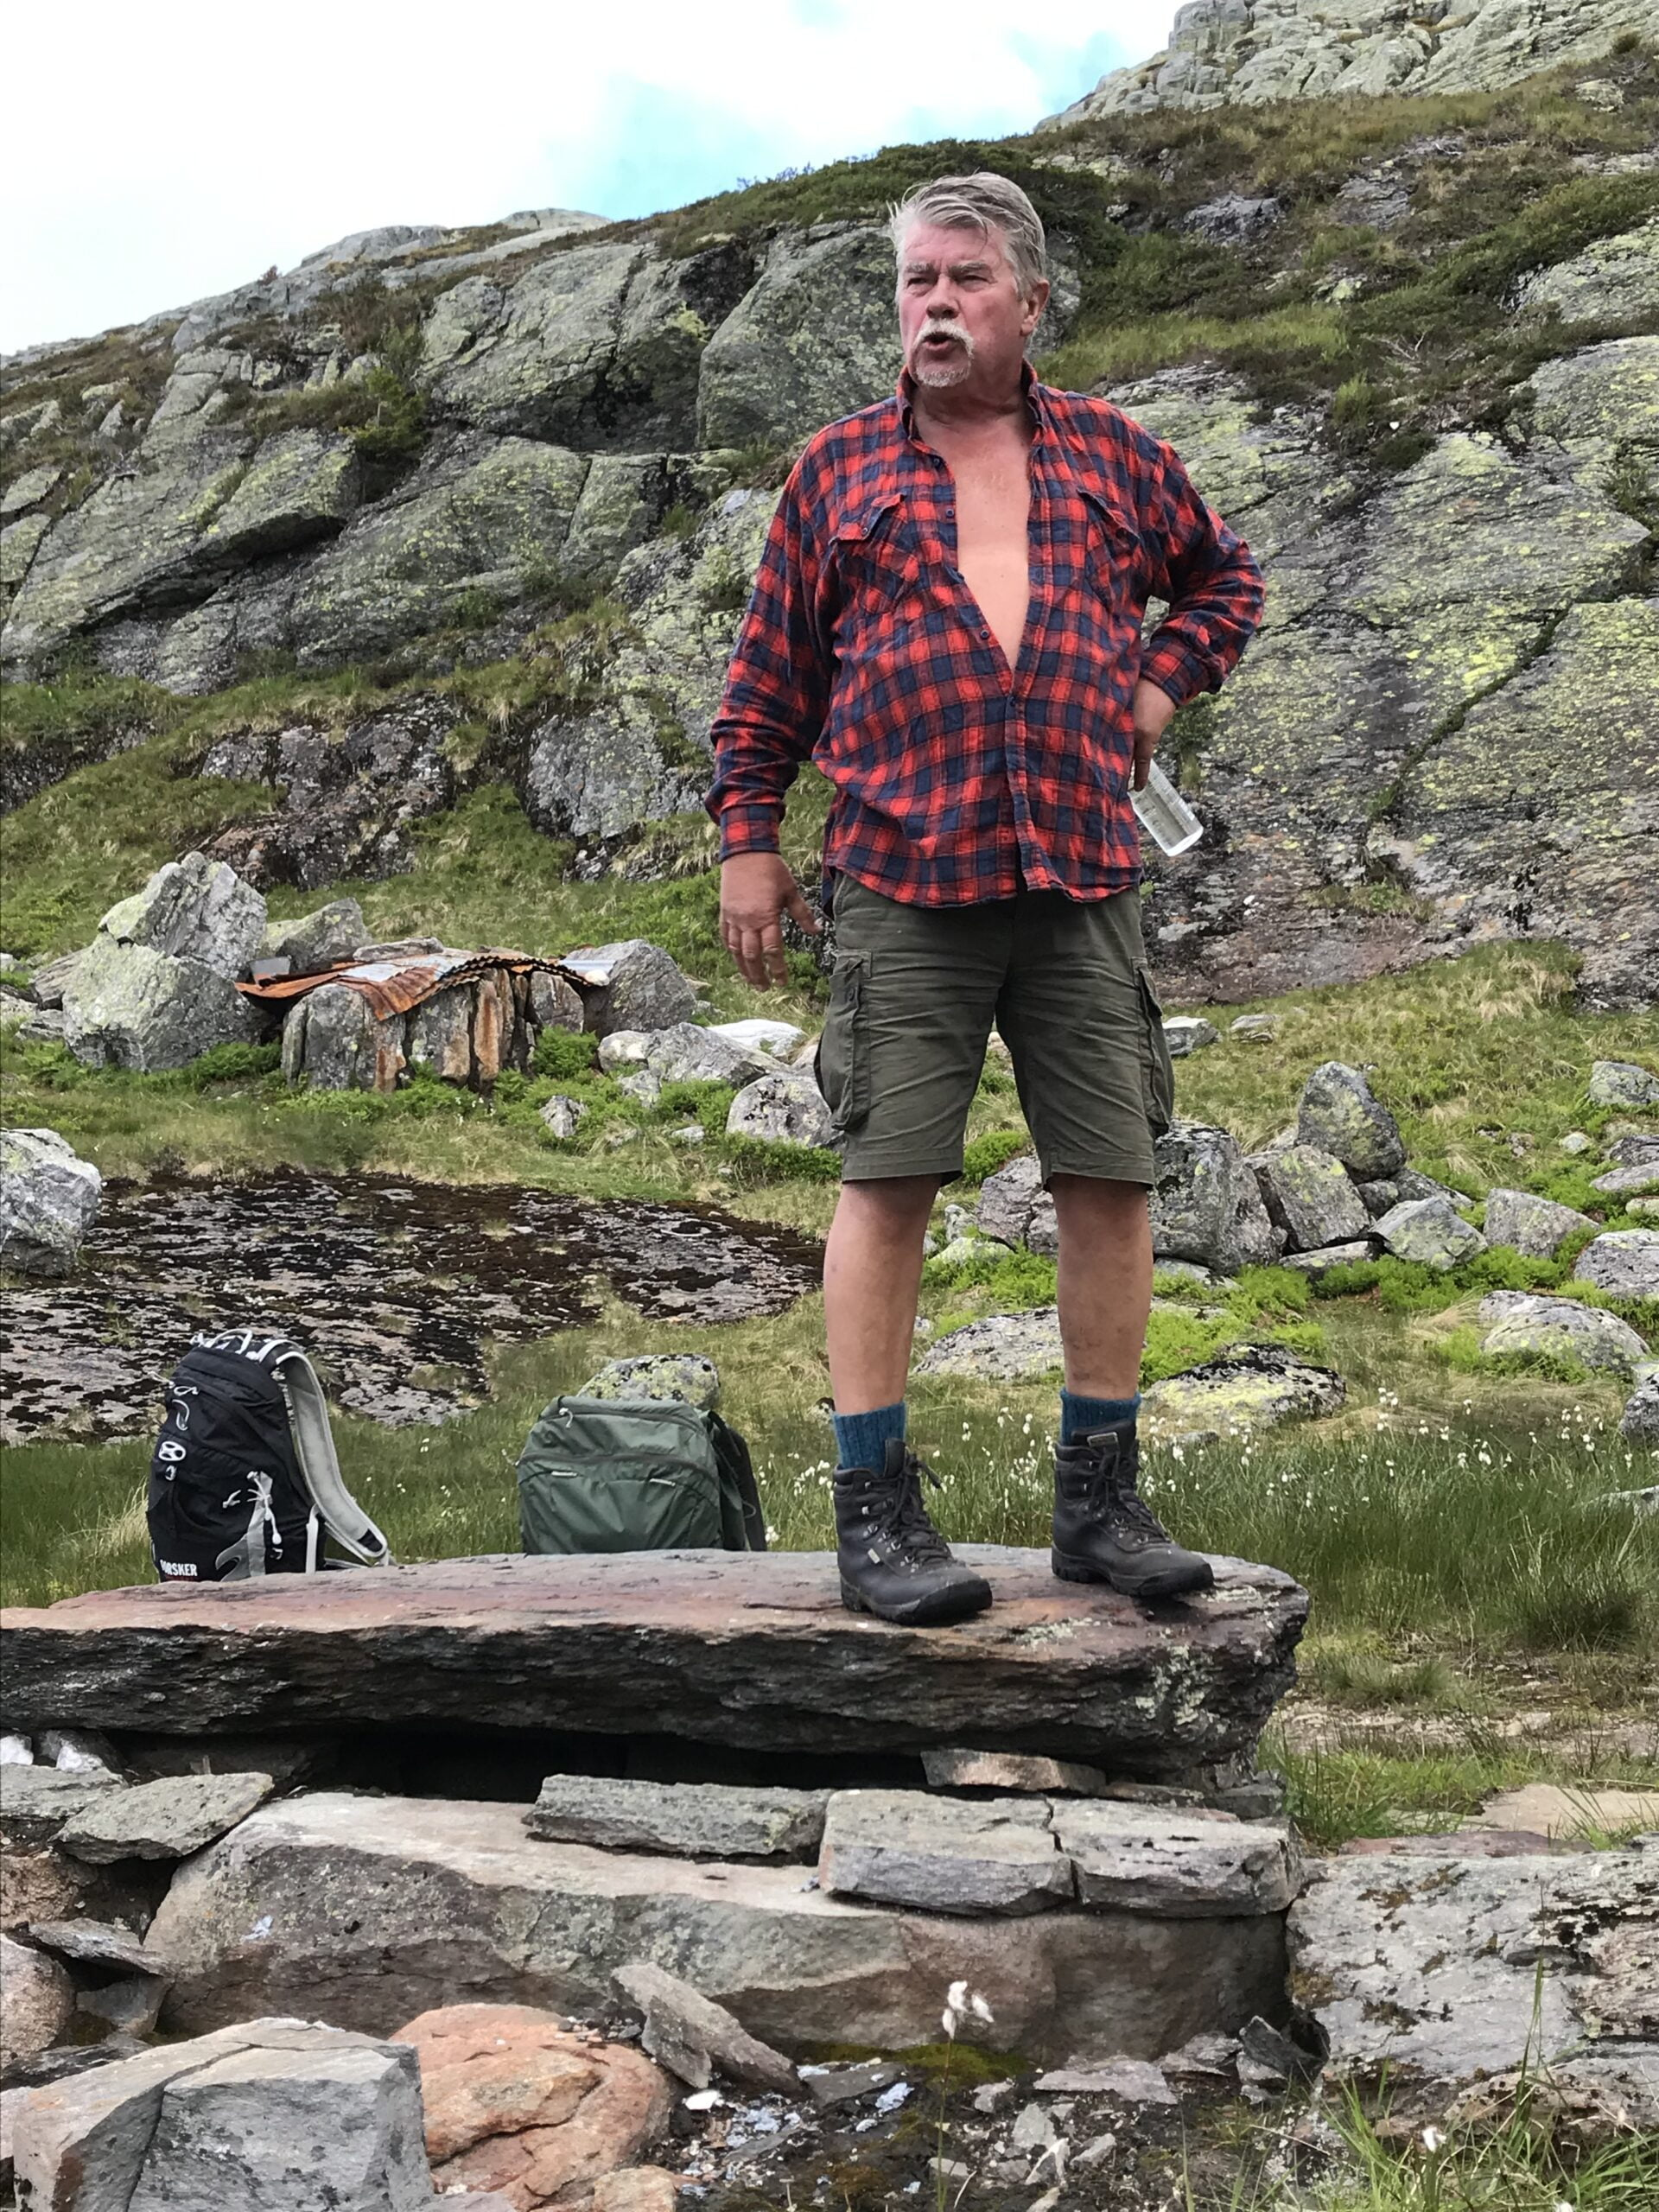 Terje Kollbotn var ein engasjert turleiar og guide